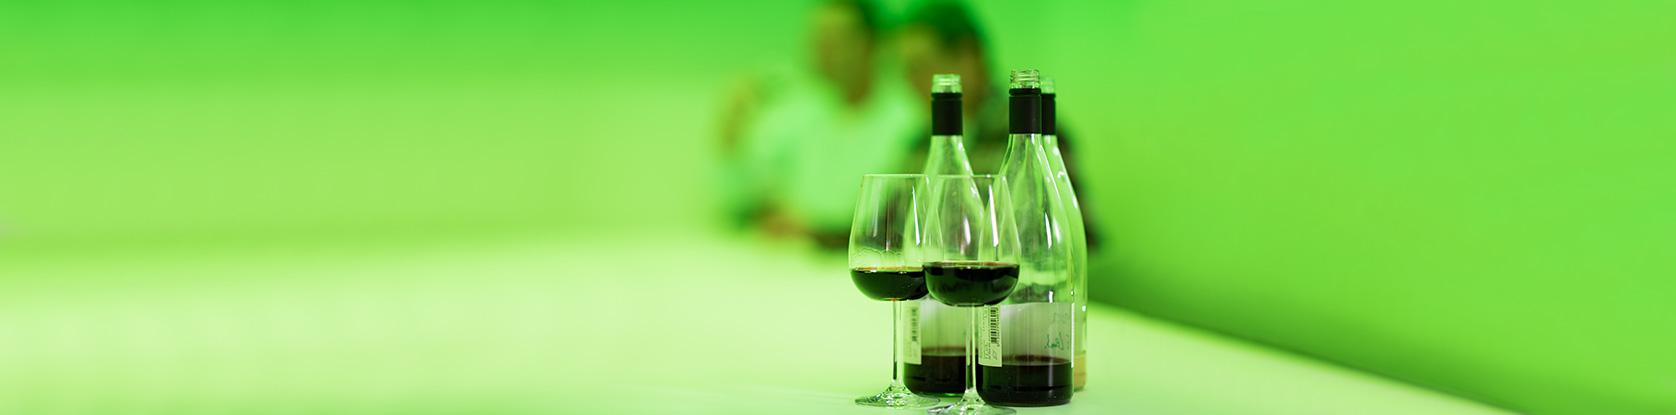 Weinlabor Klingler - Sensorikprüfung des Weines unter grünem Licht